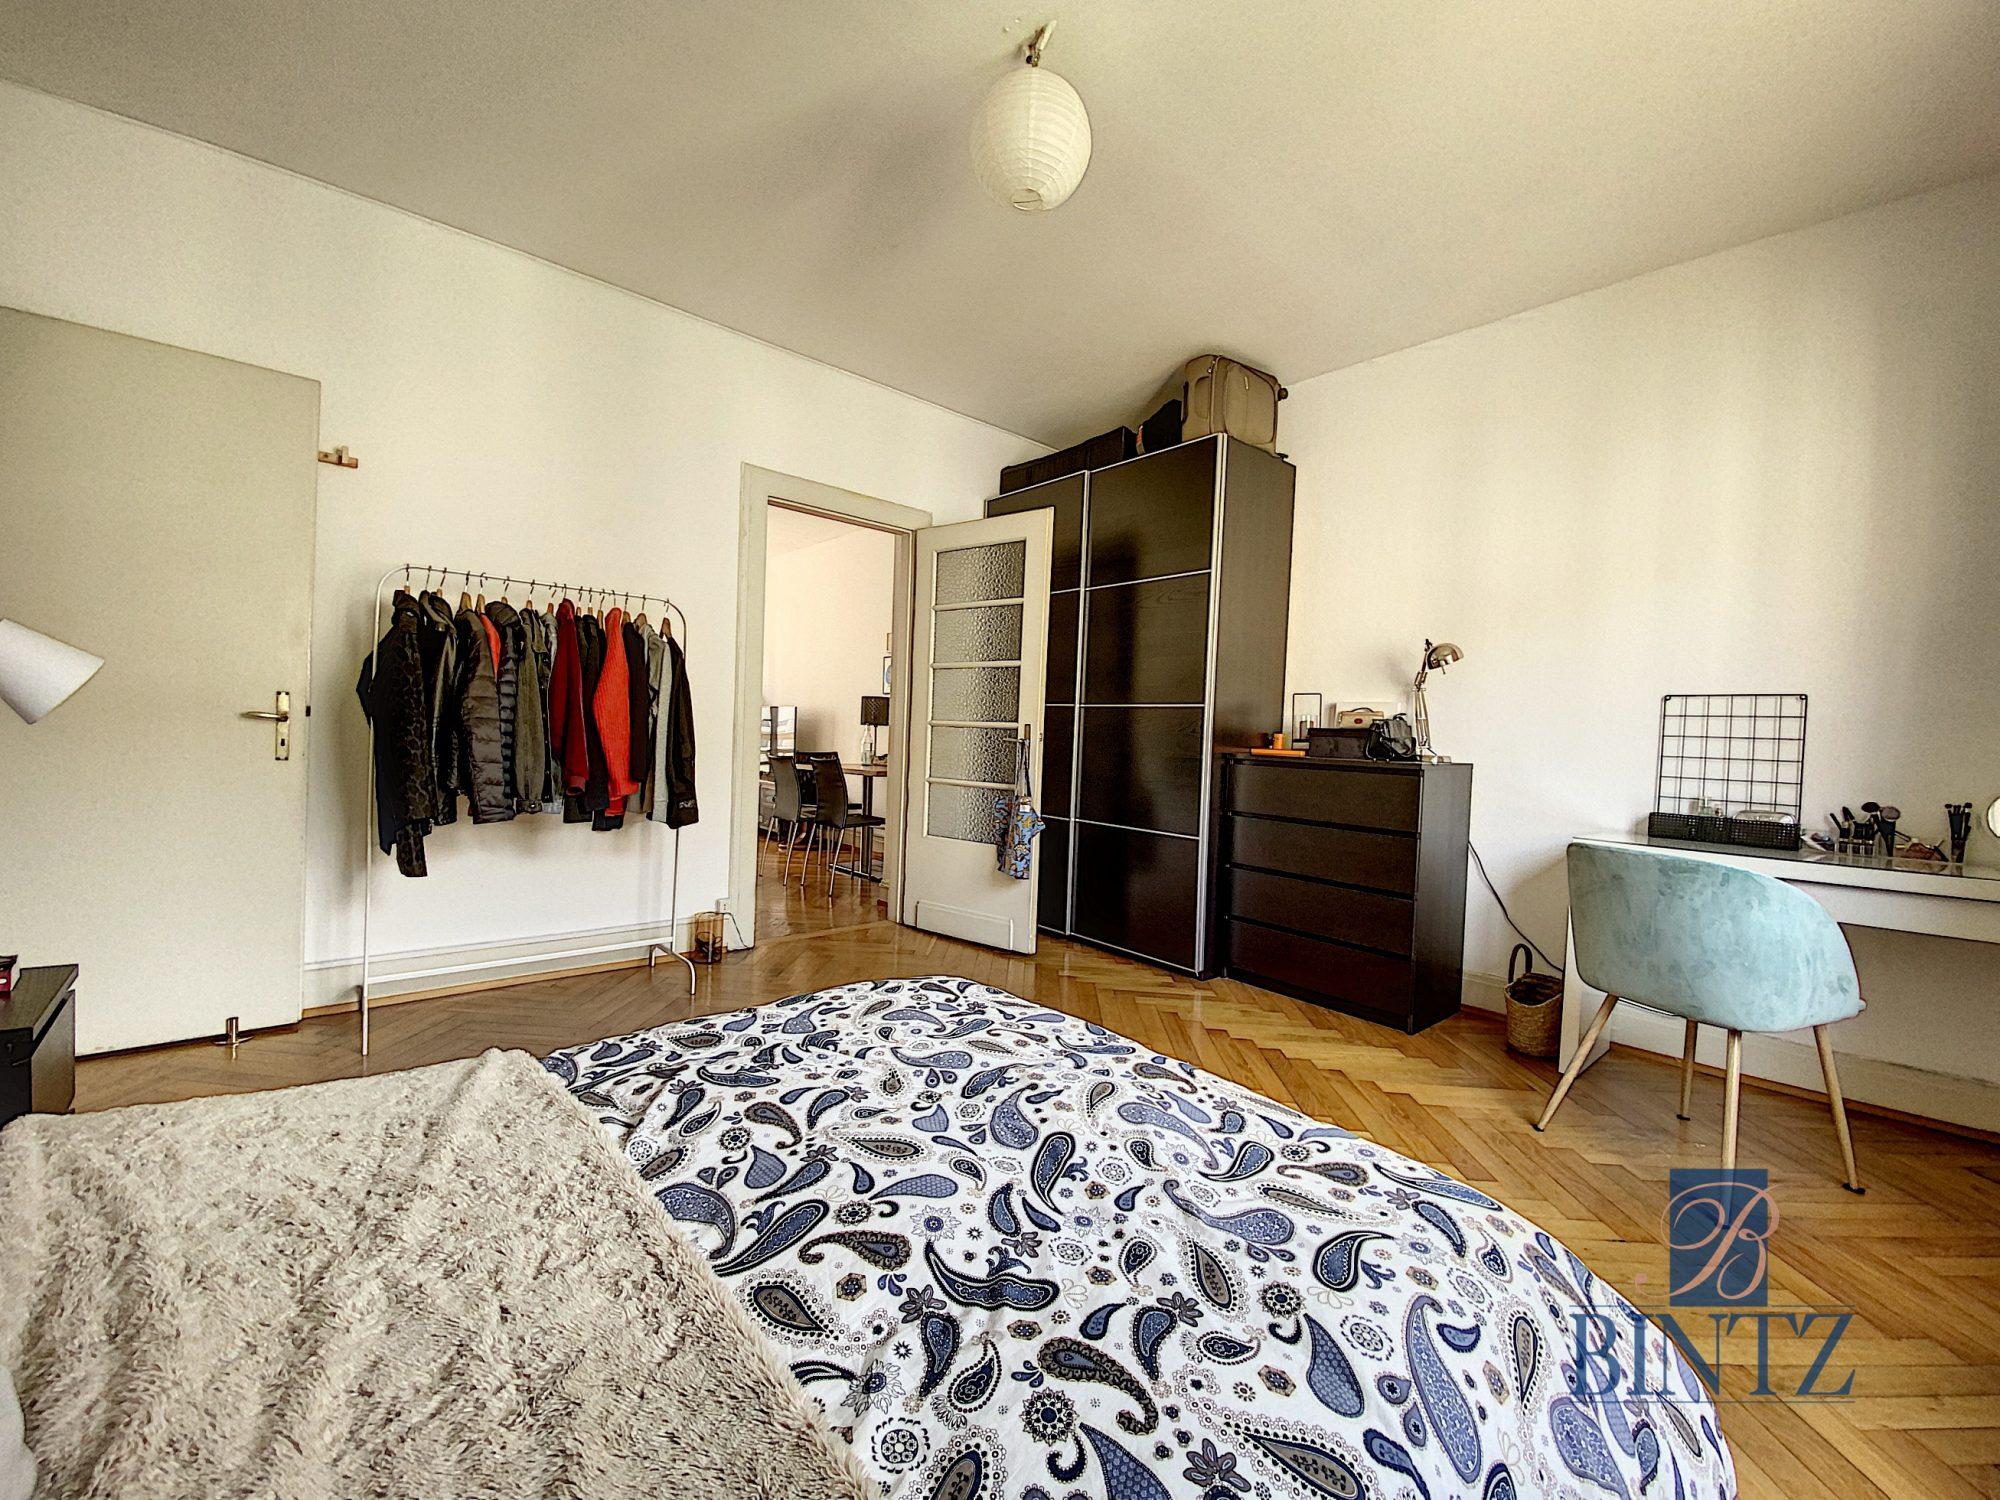 2 PIECES AVEC BALCON KRUTENAU - Devenez locataire en toute sérénité - Bintz Immobilier - 13